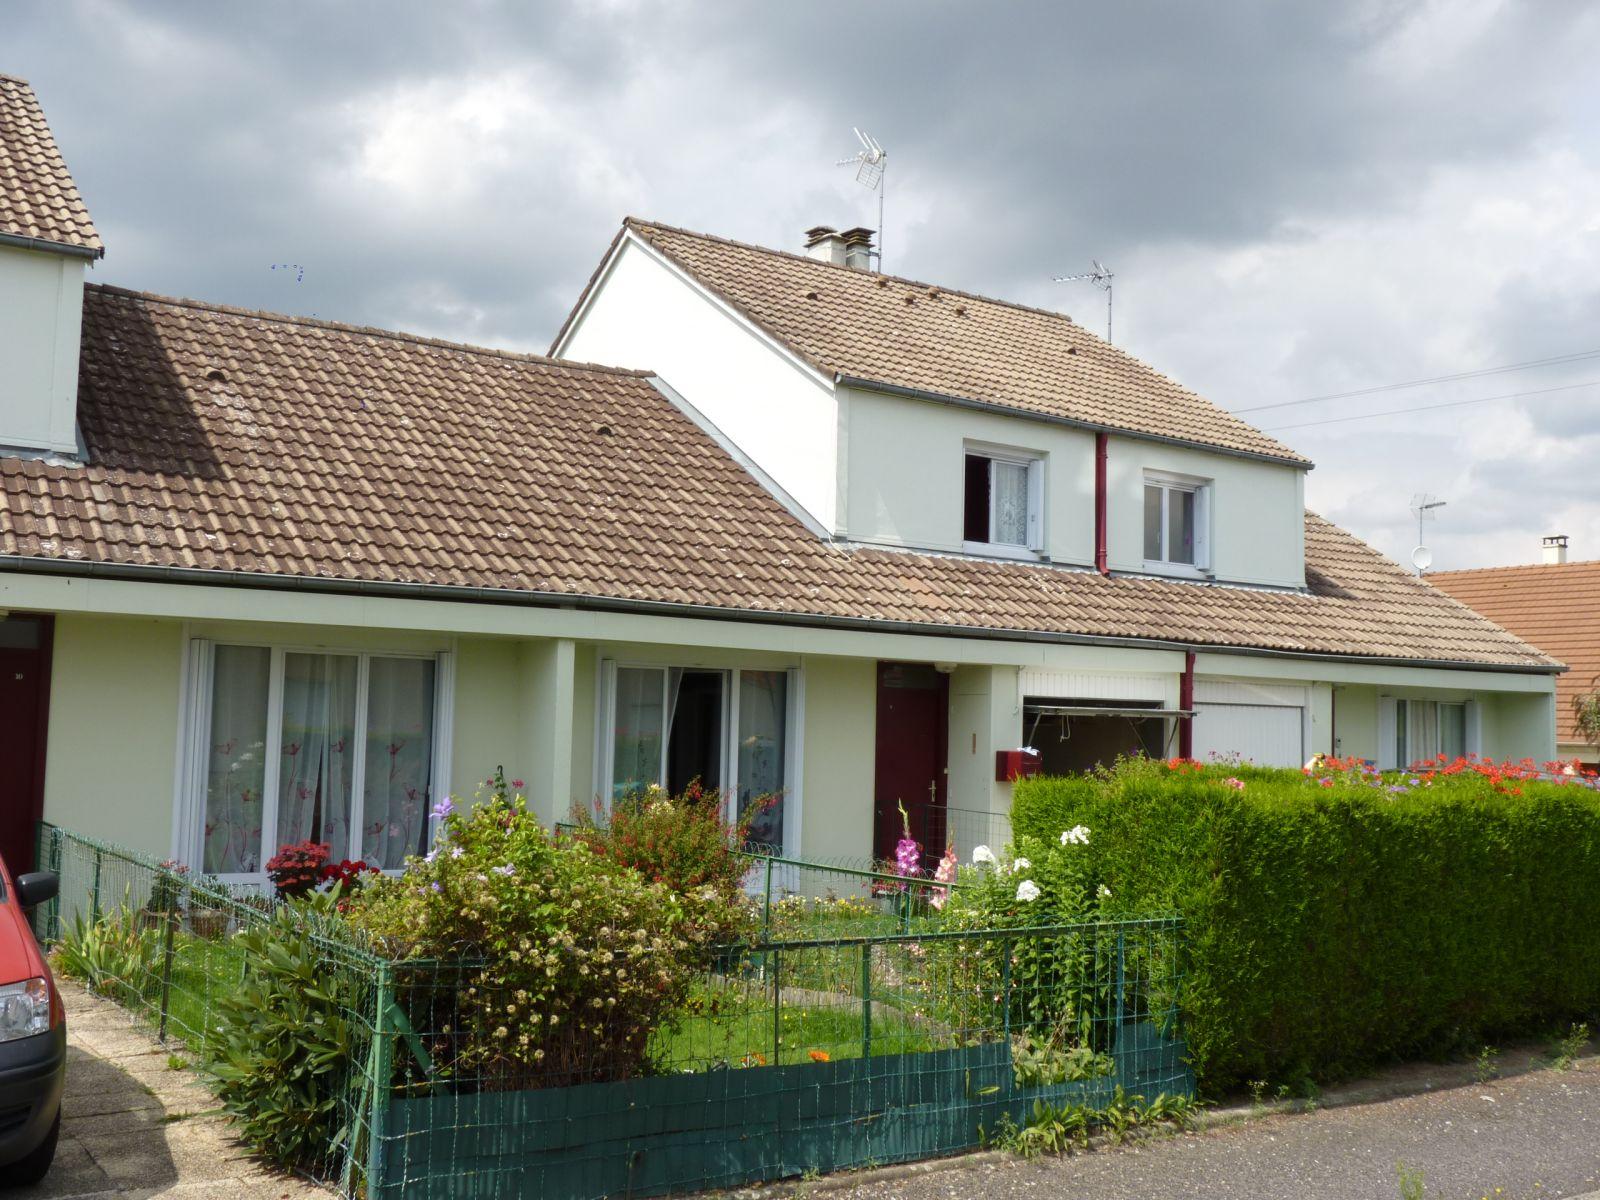 Logement randonnai locataion appartement t1 for Entretien exterieur locataire